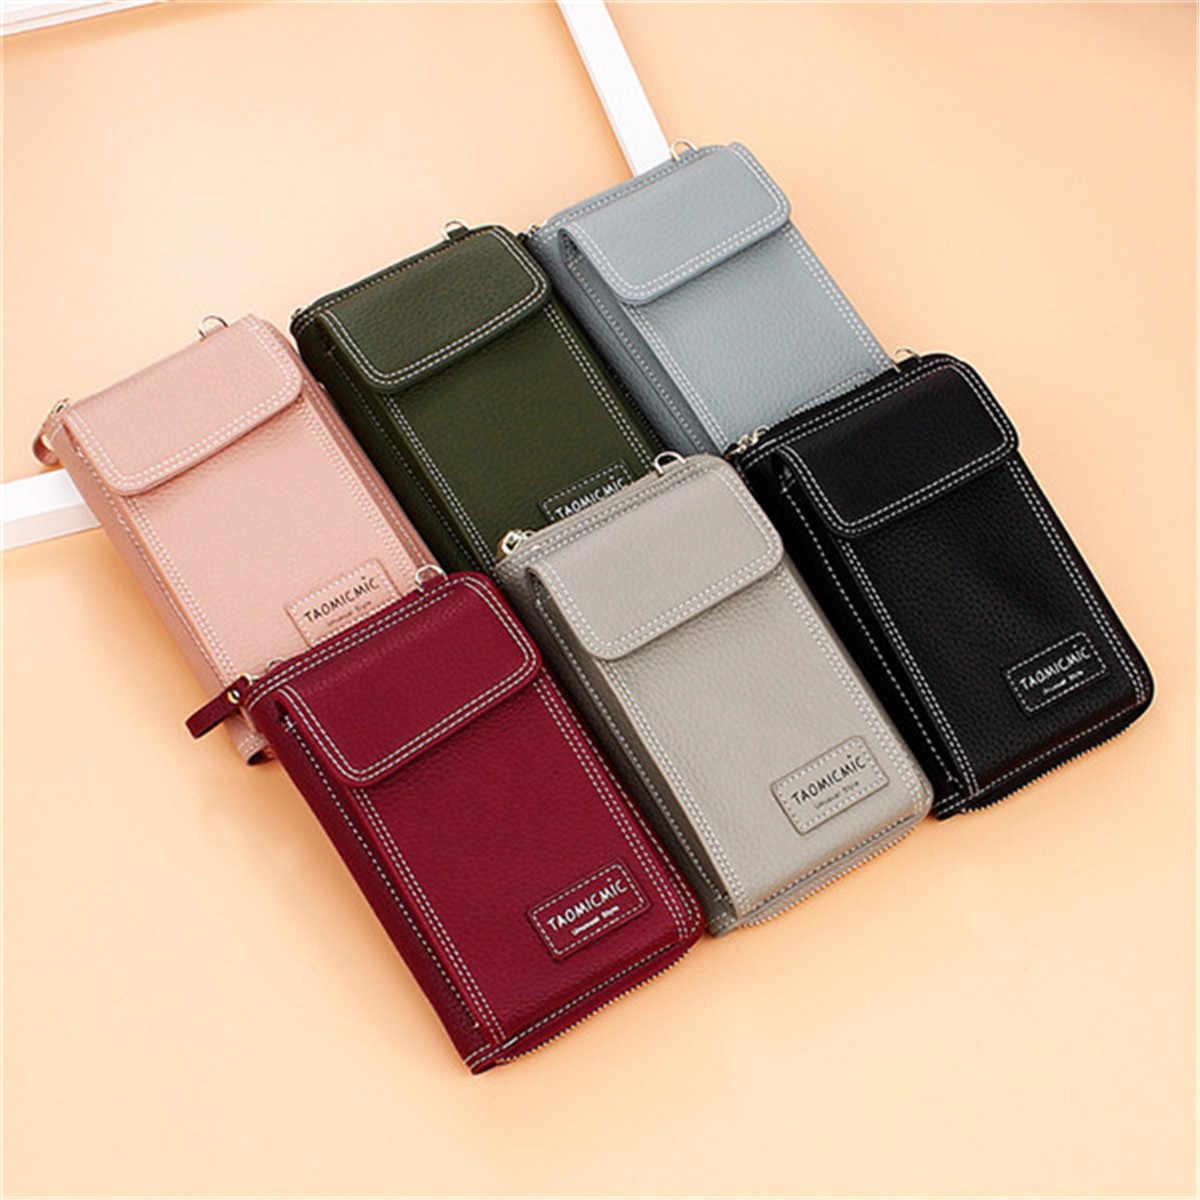 Aequeen senhoras sólido bolsa de embreagem de couro do falso pequeno saco crossbody para as bolsas femininas 4 slot para cartão saco de telefone verde rosa mini